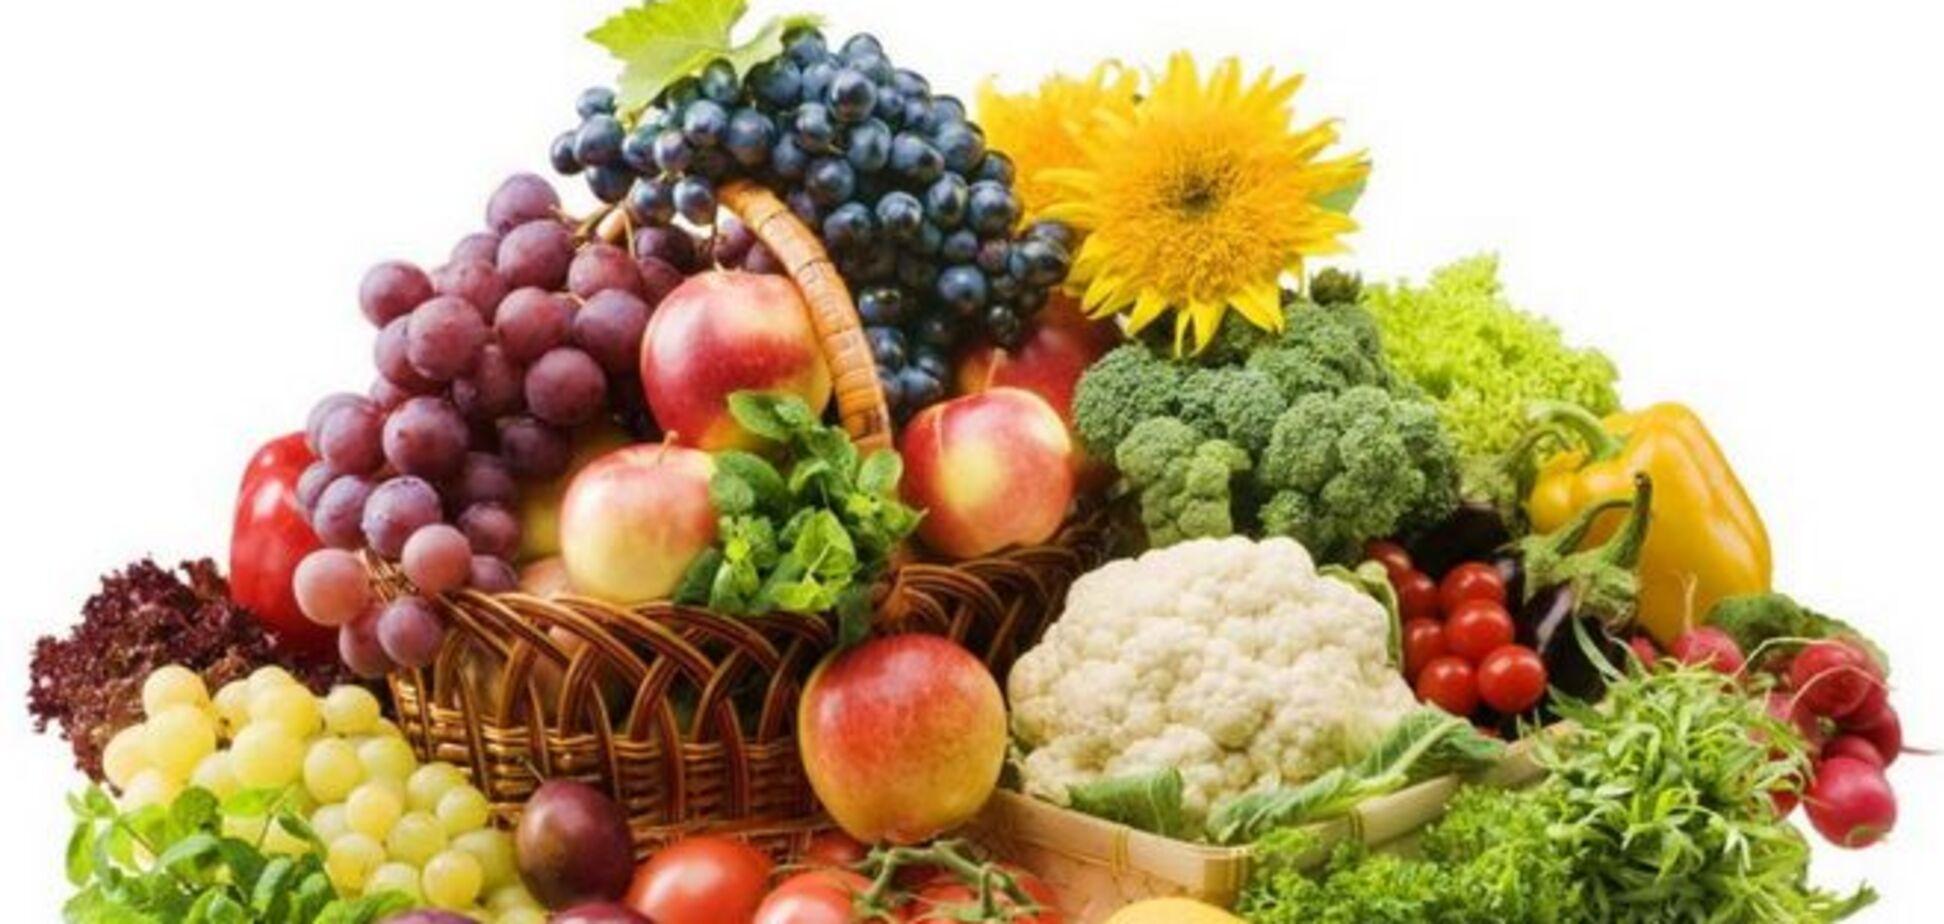 Целебные свойства сырой пищи